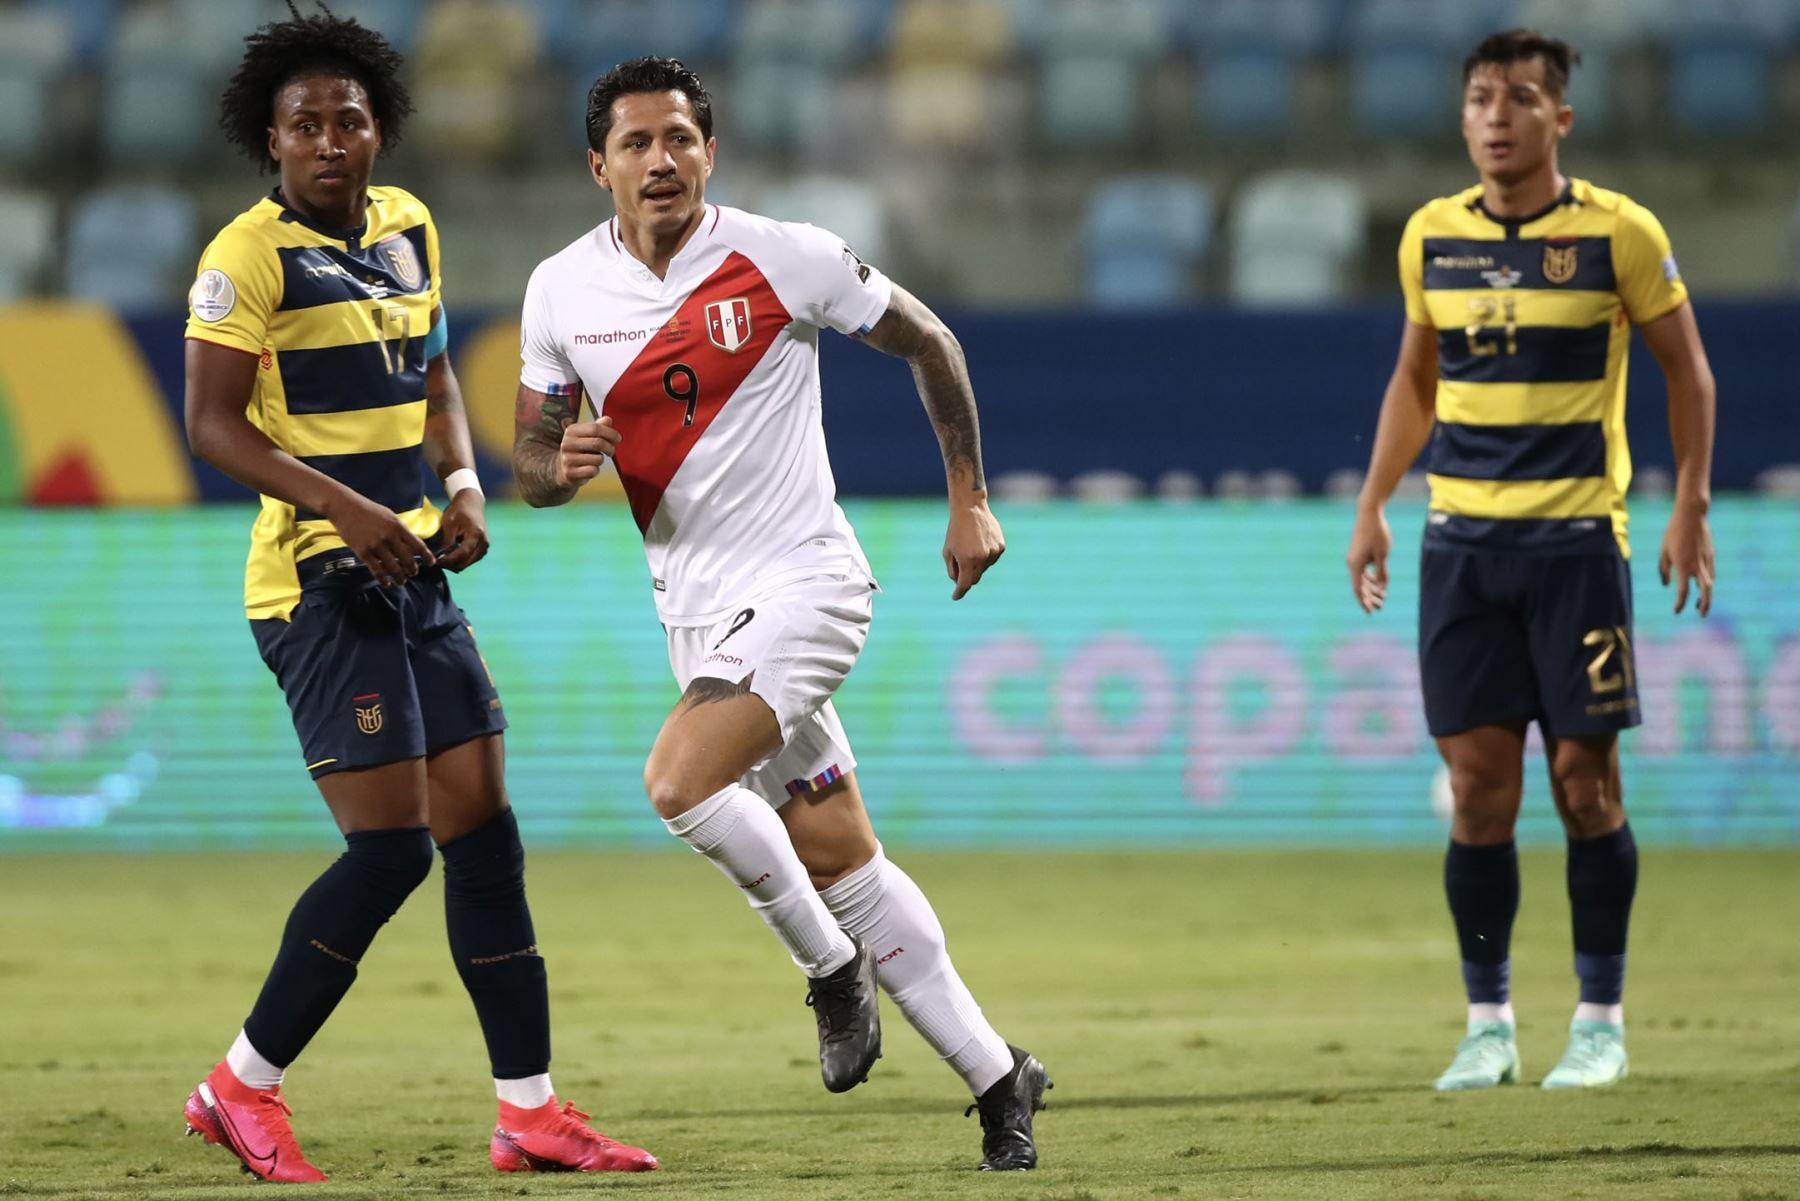 El delantero Gianluca Lapadula anotó hoy, frente a Ecuador, su primer gol con la selección peruana de fútbol. Foto: ANDINA/difusión.